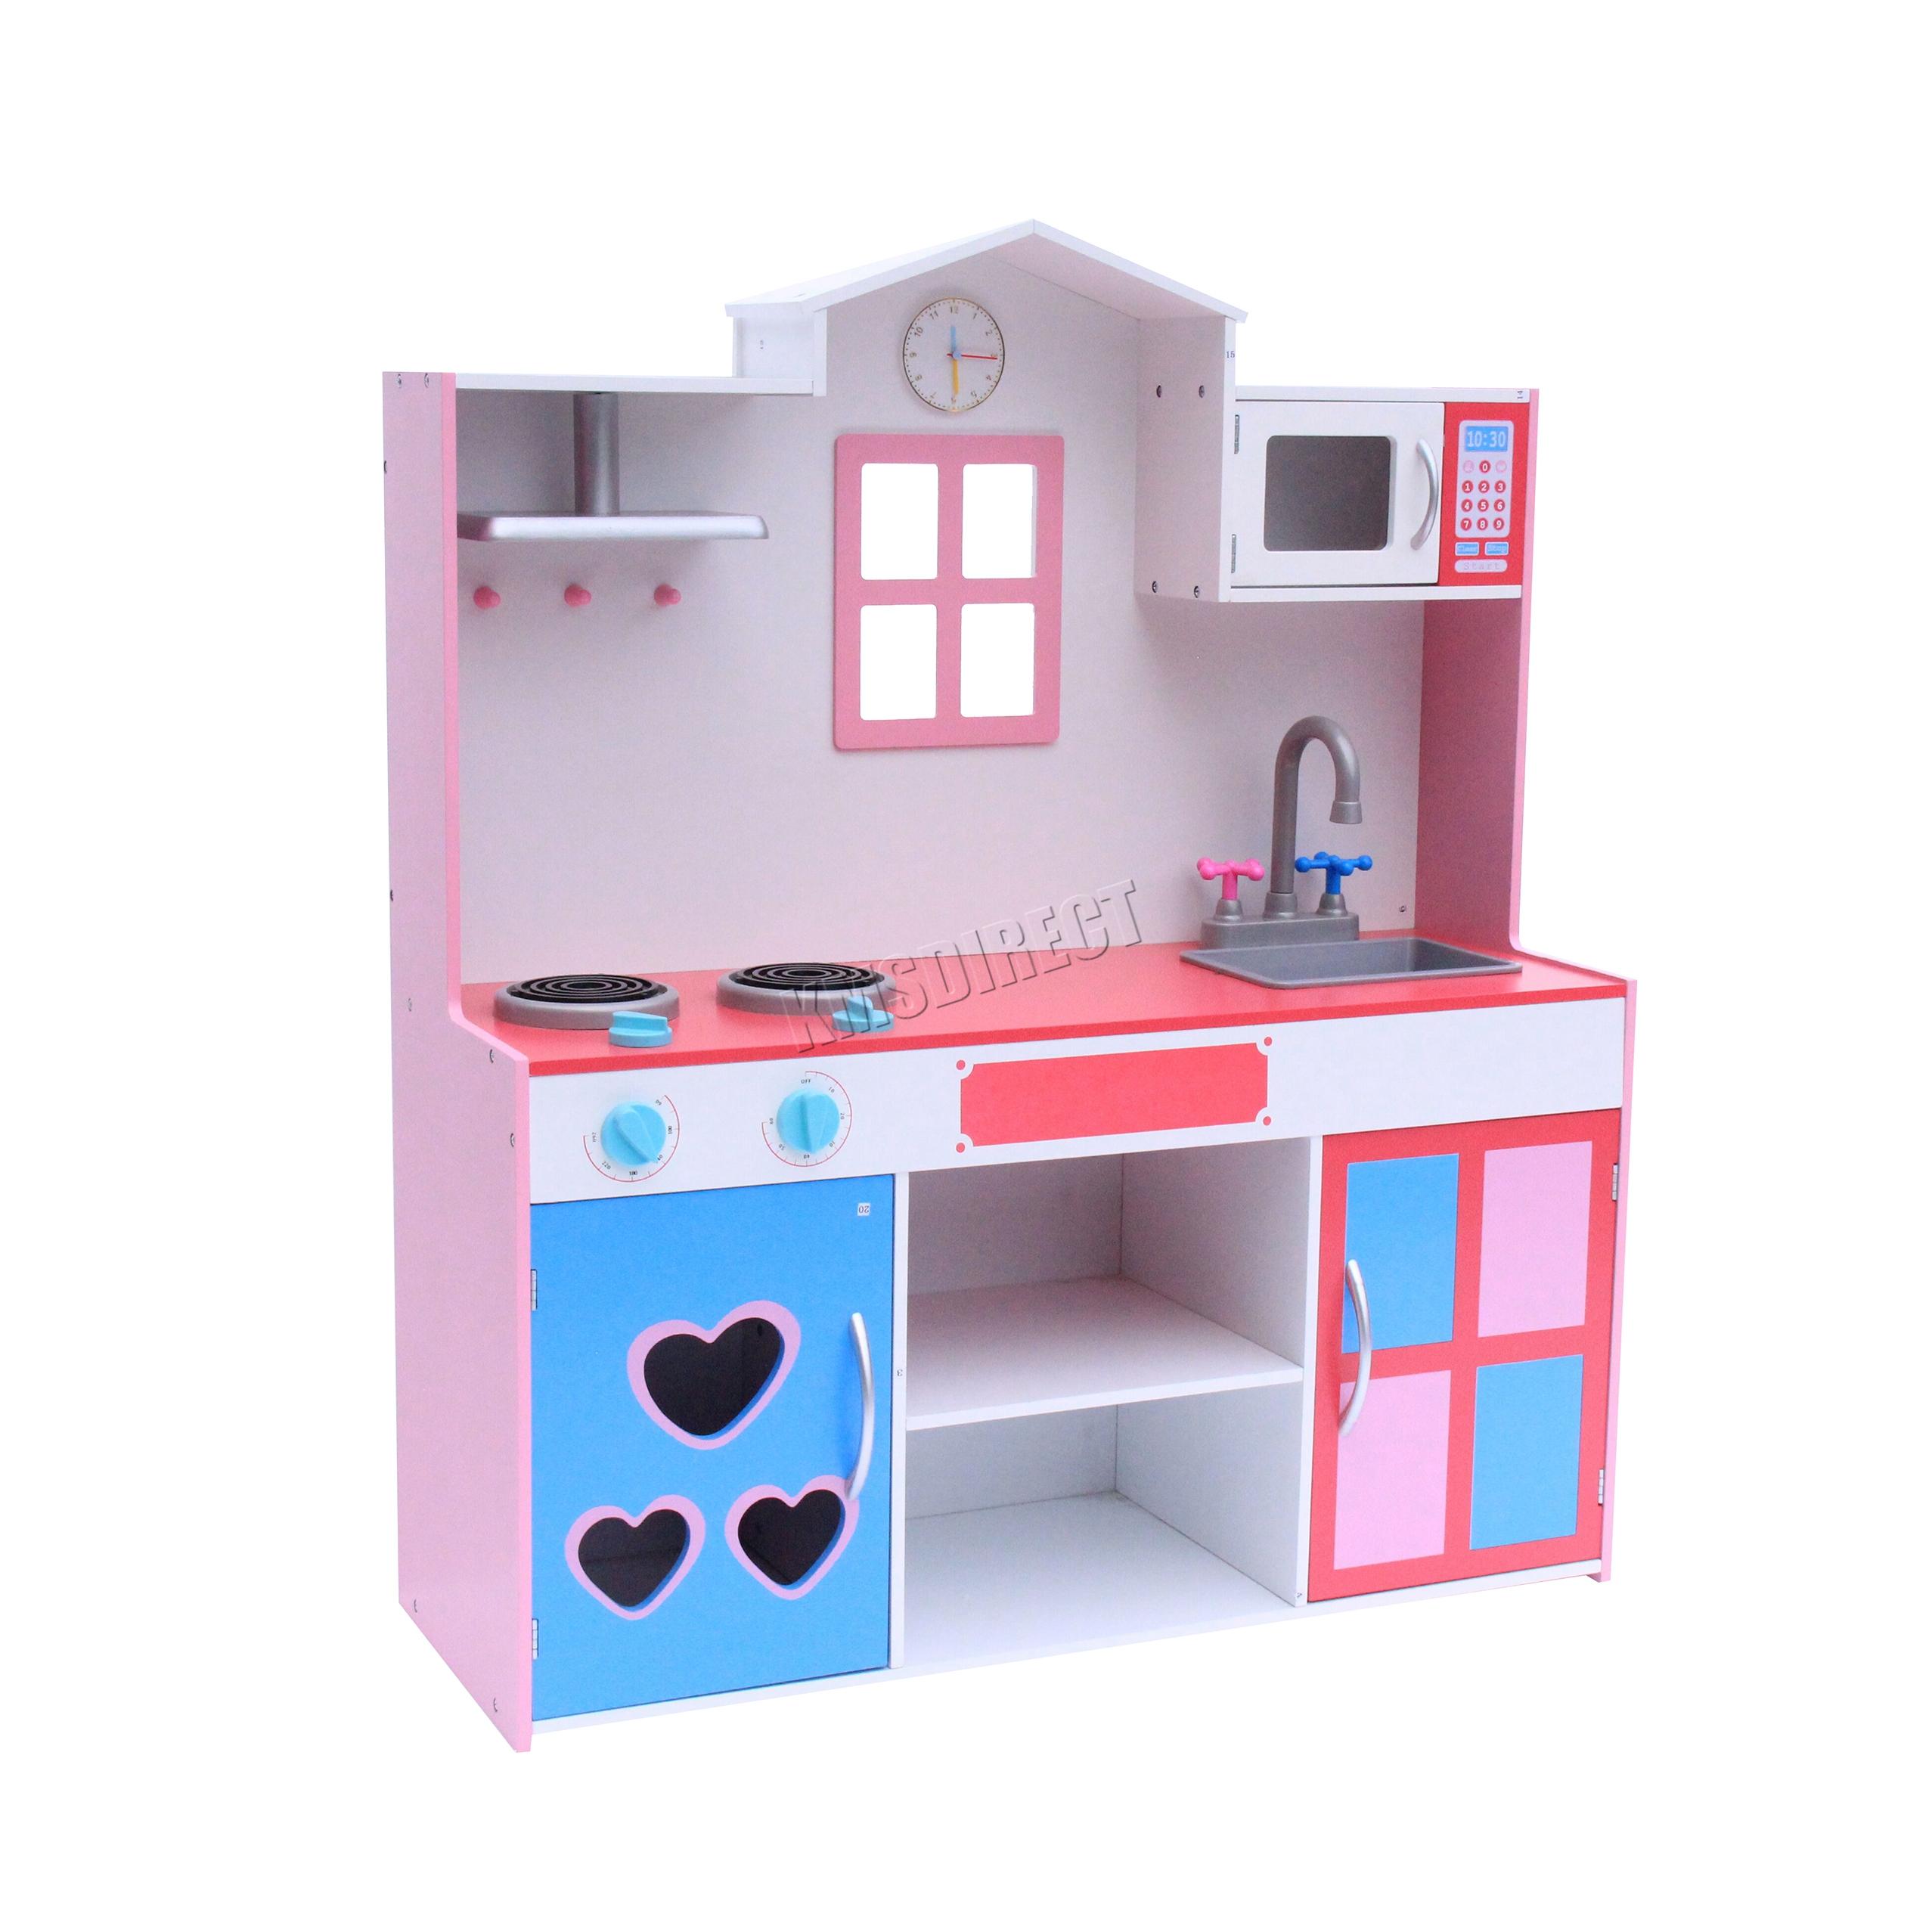 Foxhunter grande cucina in legno giochi giocattolo bambini - Cucina legno bambini ...